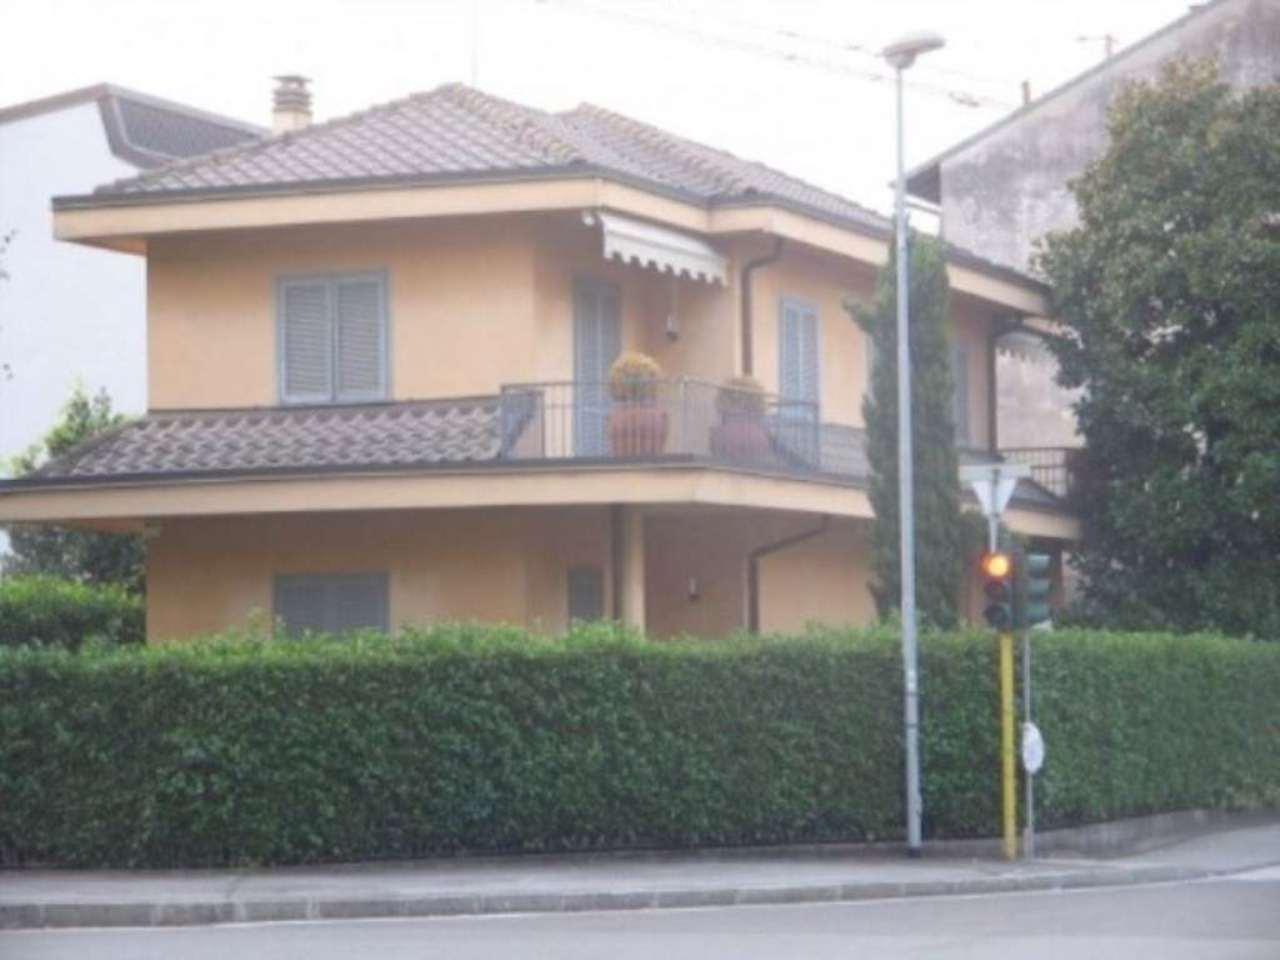 Villa in vendita a Cesano Maderno, 4 locali, Trattative riservate | Cambio Casa.it